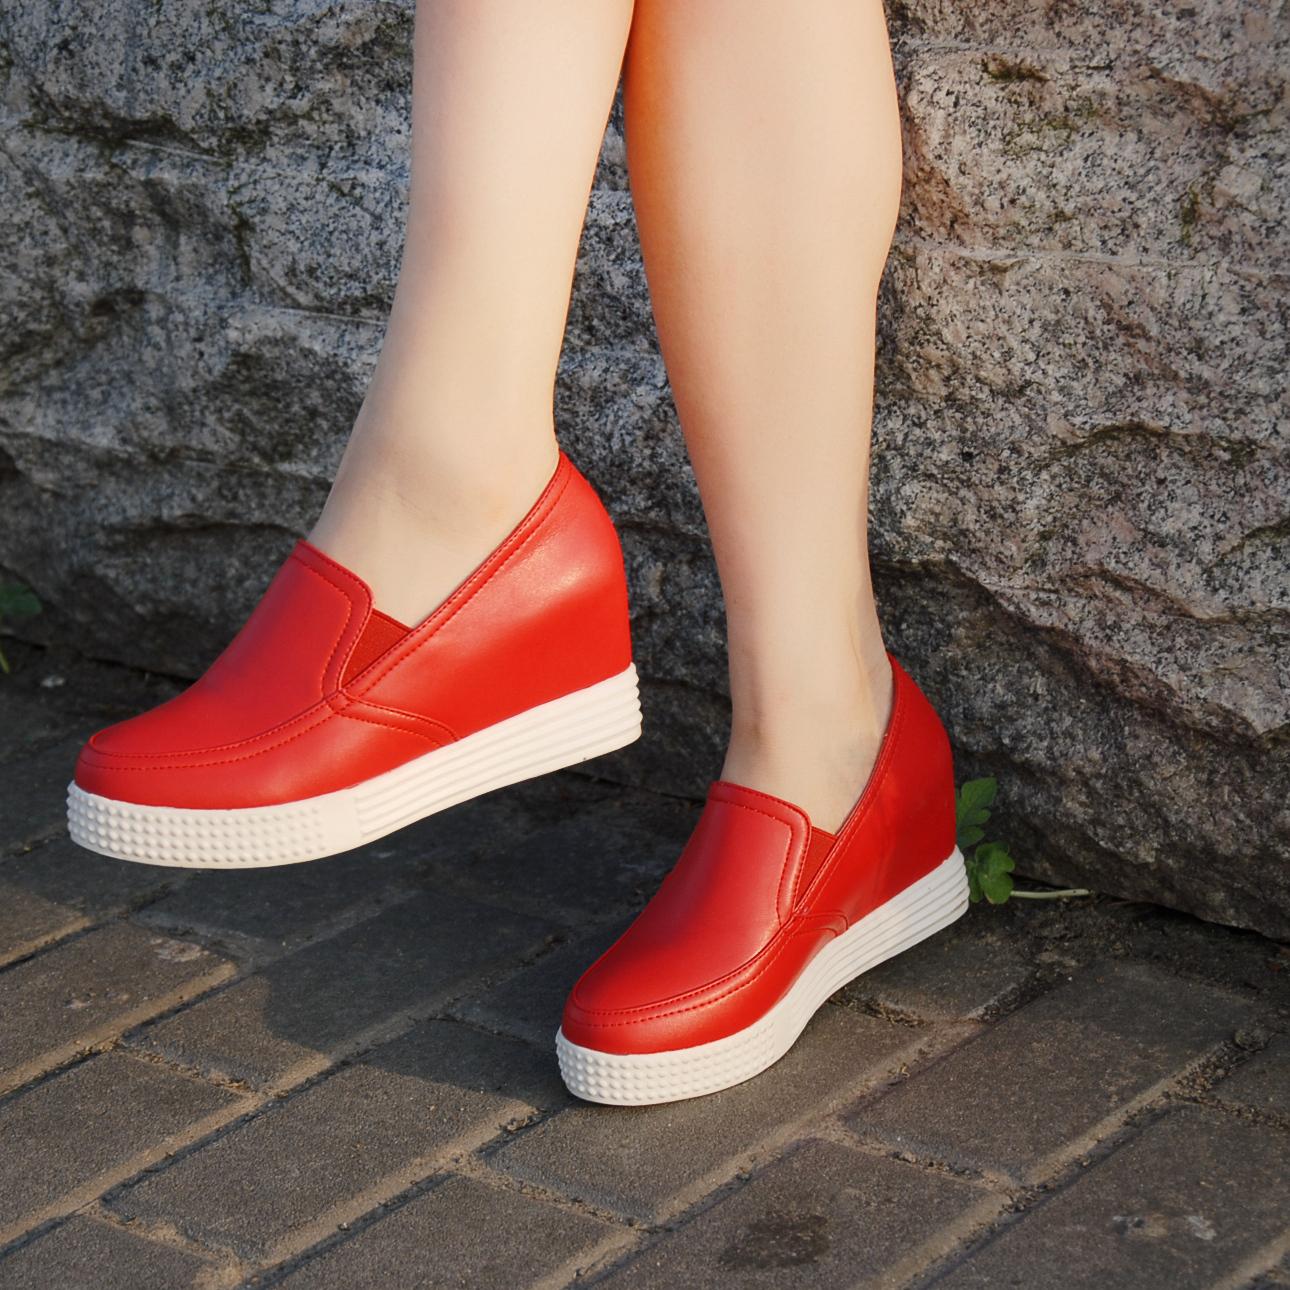 红色厚底鞋 2016四季鞋内增高小码红色乐福鞋女高跟松糕厚底圆头休闲鞋单鞋_推荐淘宝好看的红色厚底鞋